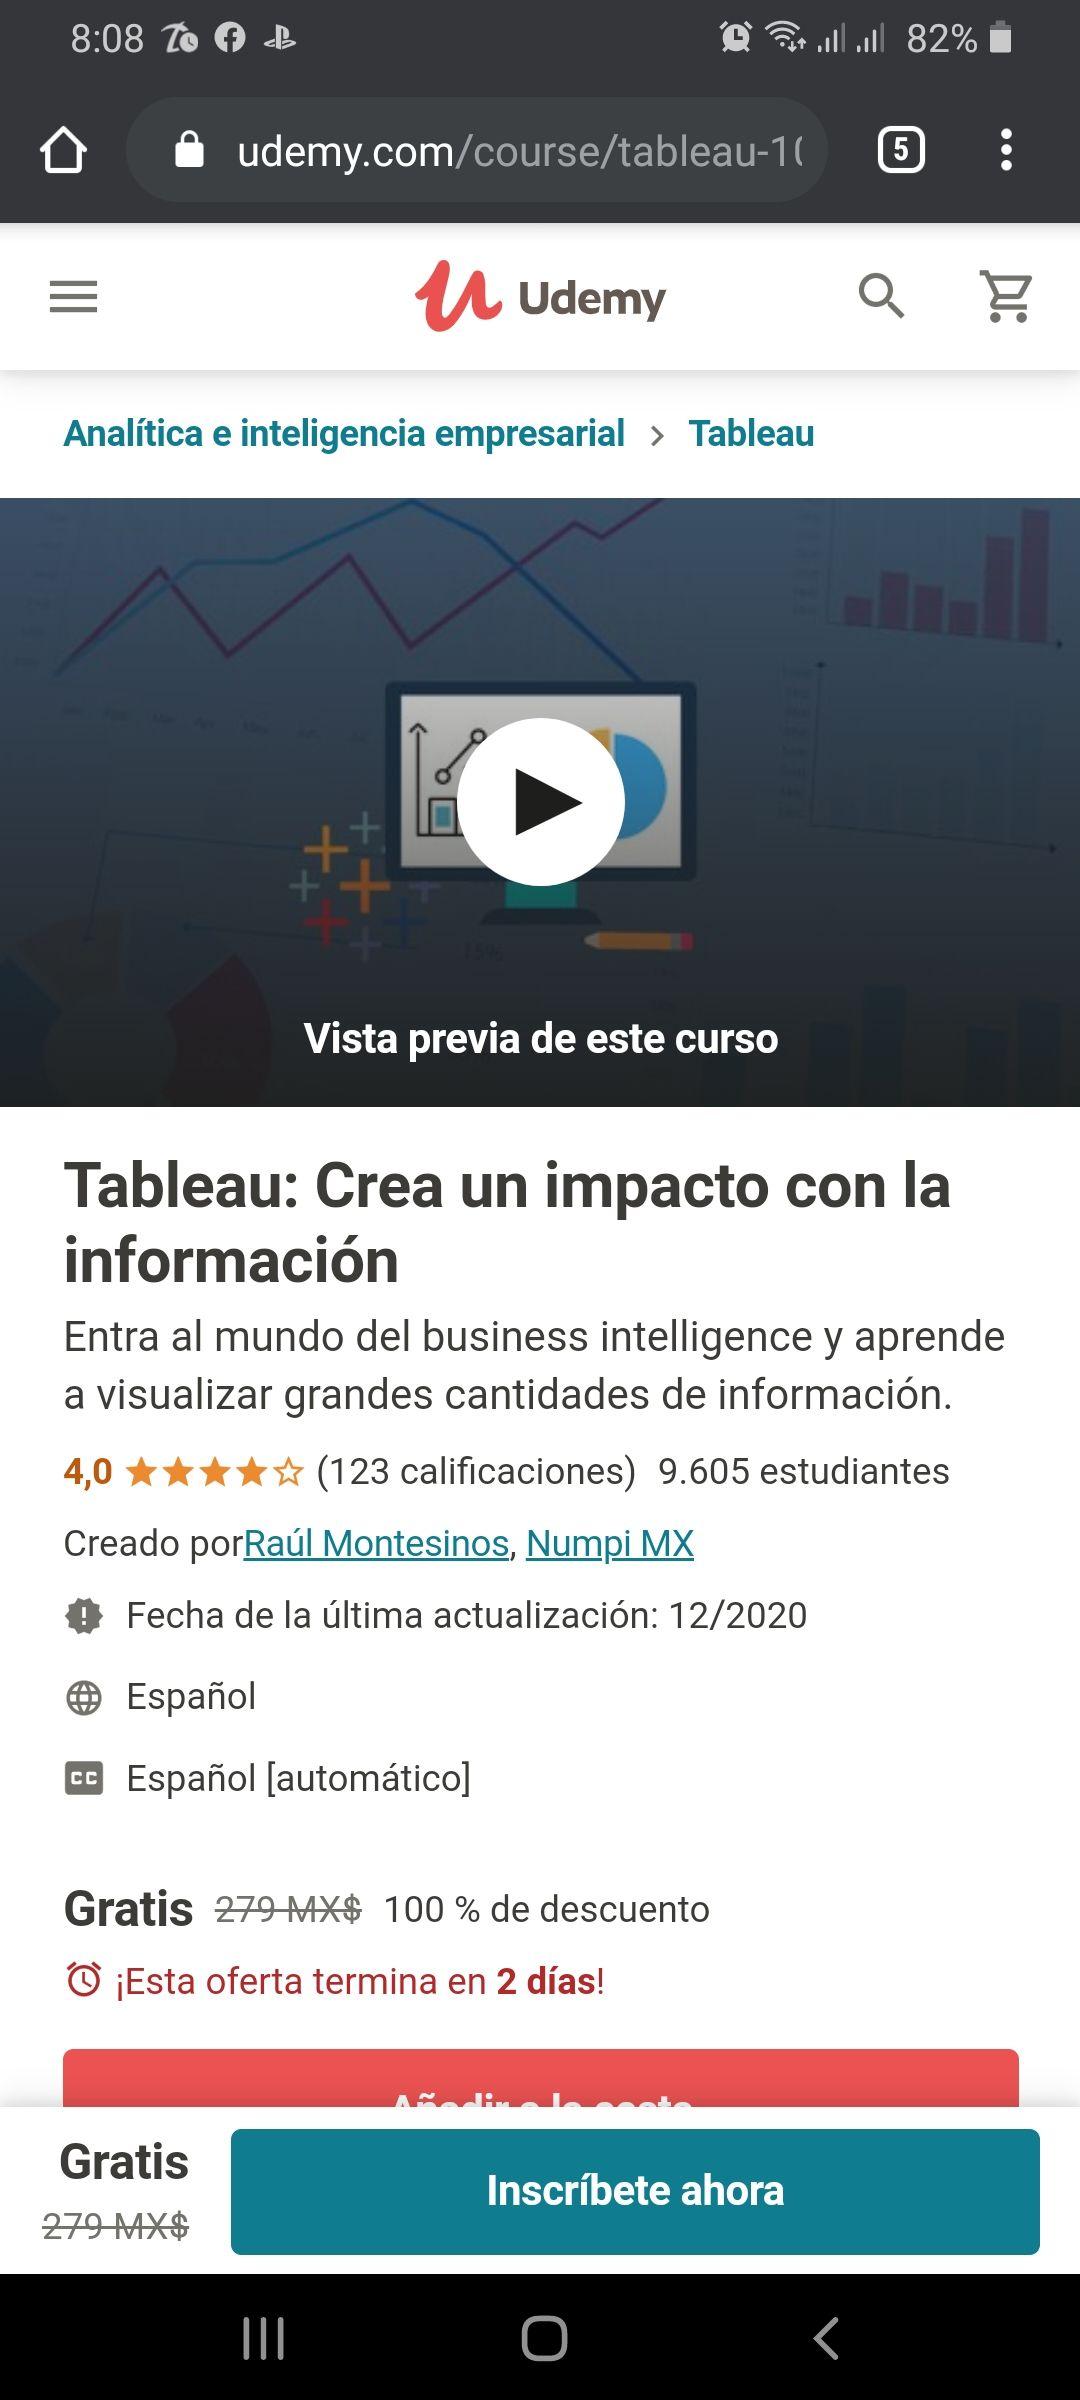 Udemy: Tableau: Crea un impacto con la información